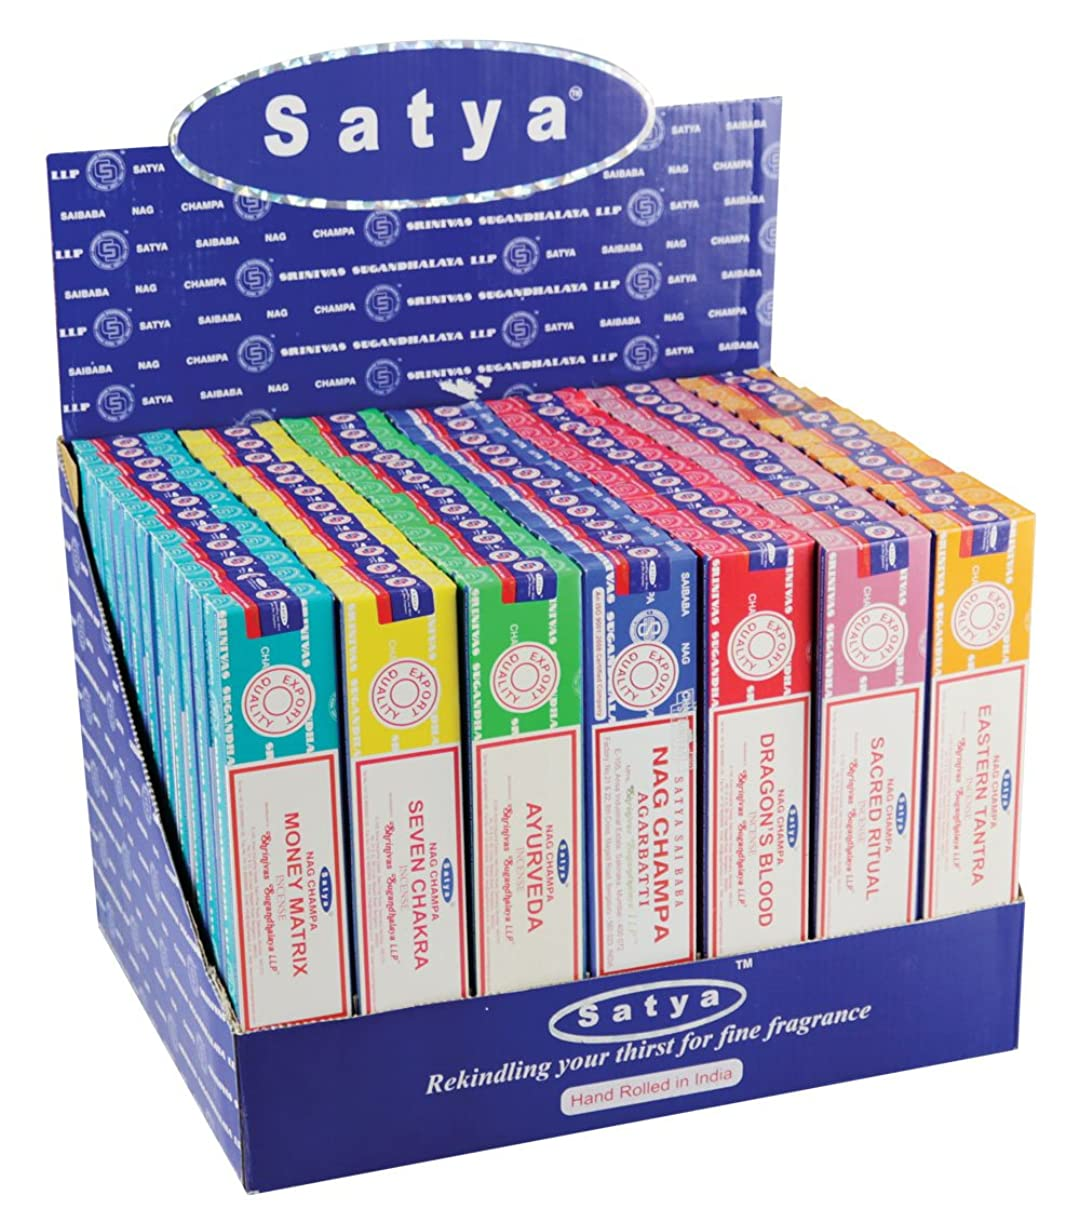 最大限手数料ページェント84pc表示?–?Satya Incense VFMシリーズ1?–?15?gm/Assorted